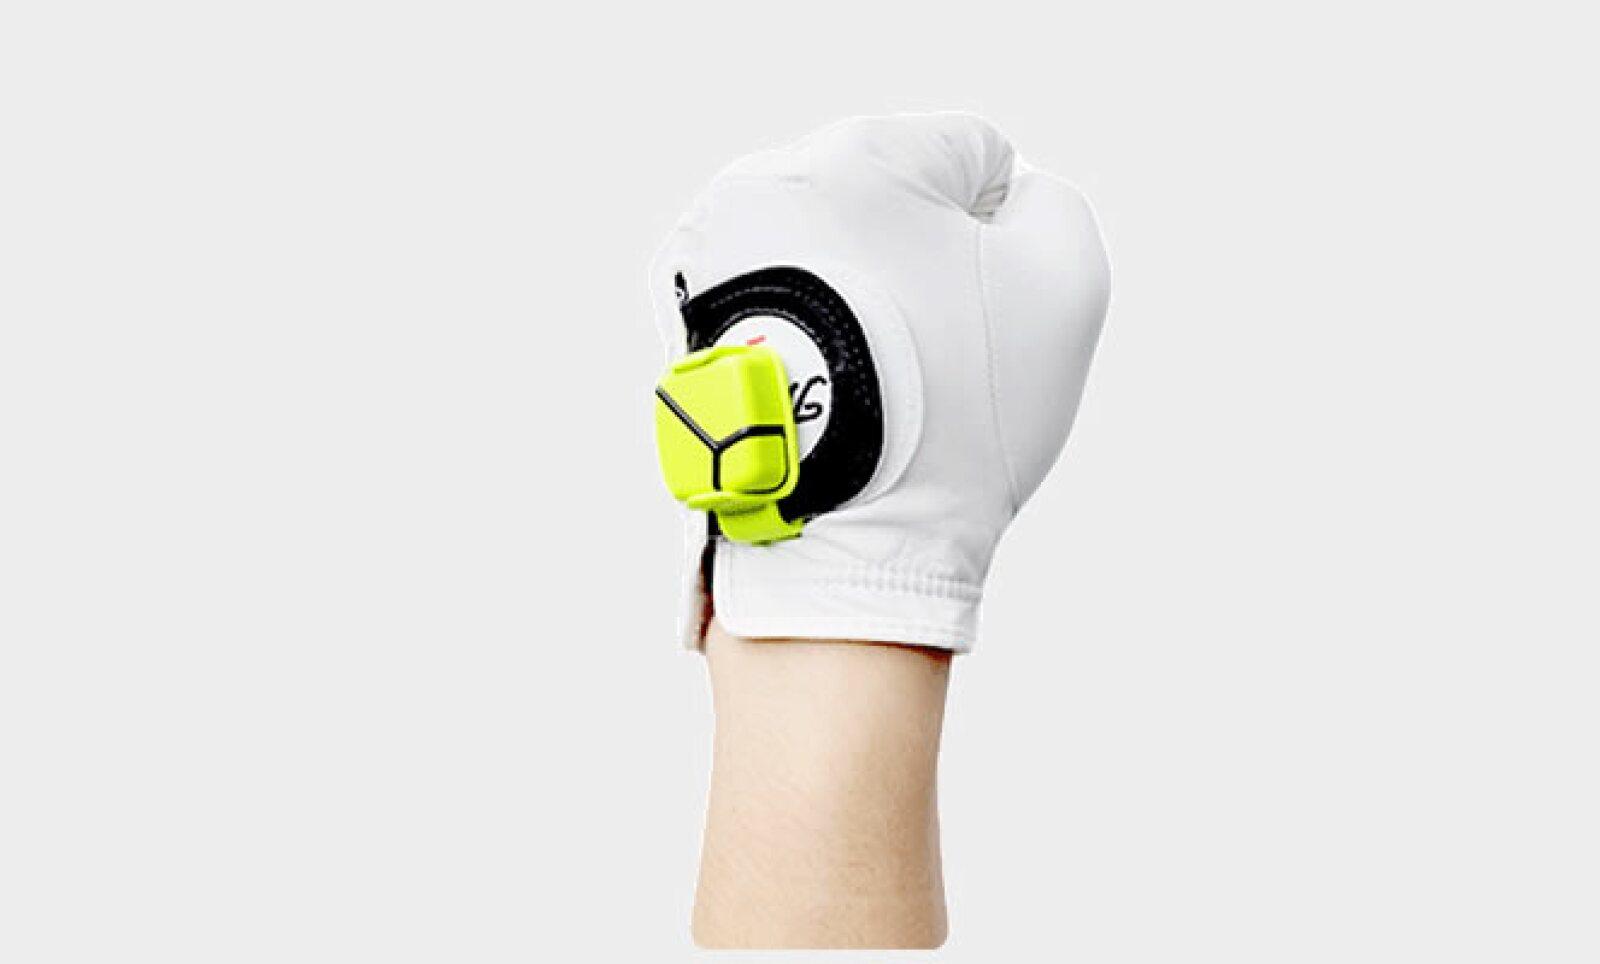 Es un chip que analiza tu habilidad como deportista; se instala en una raqueta, un palo de golf o un bat de beisbol para ofrecer información de tu desempeño.